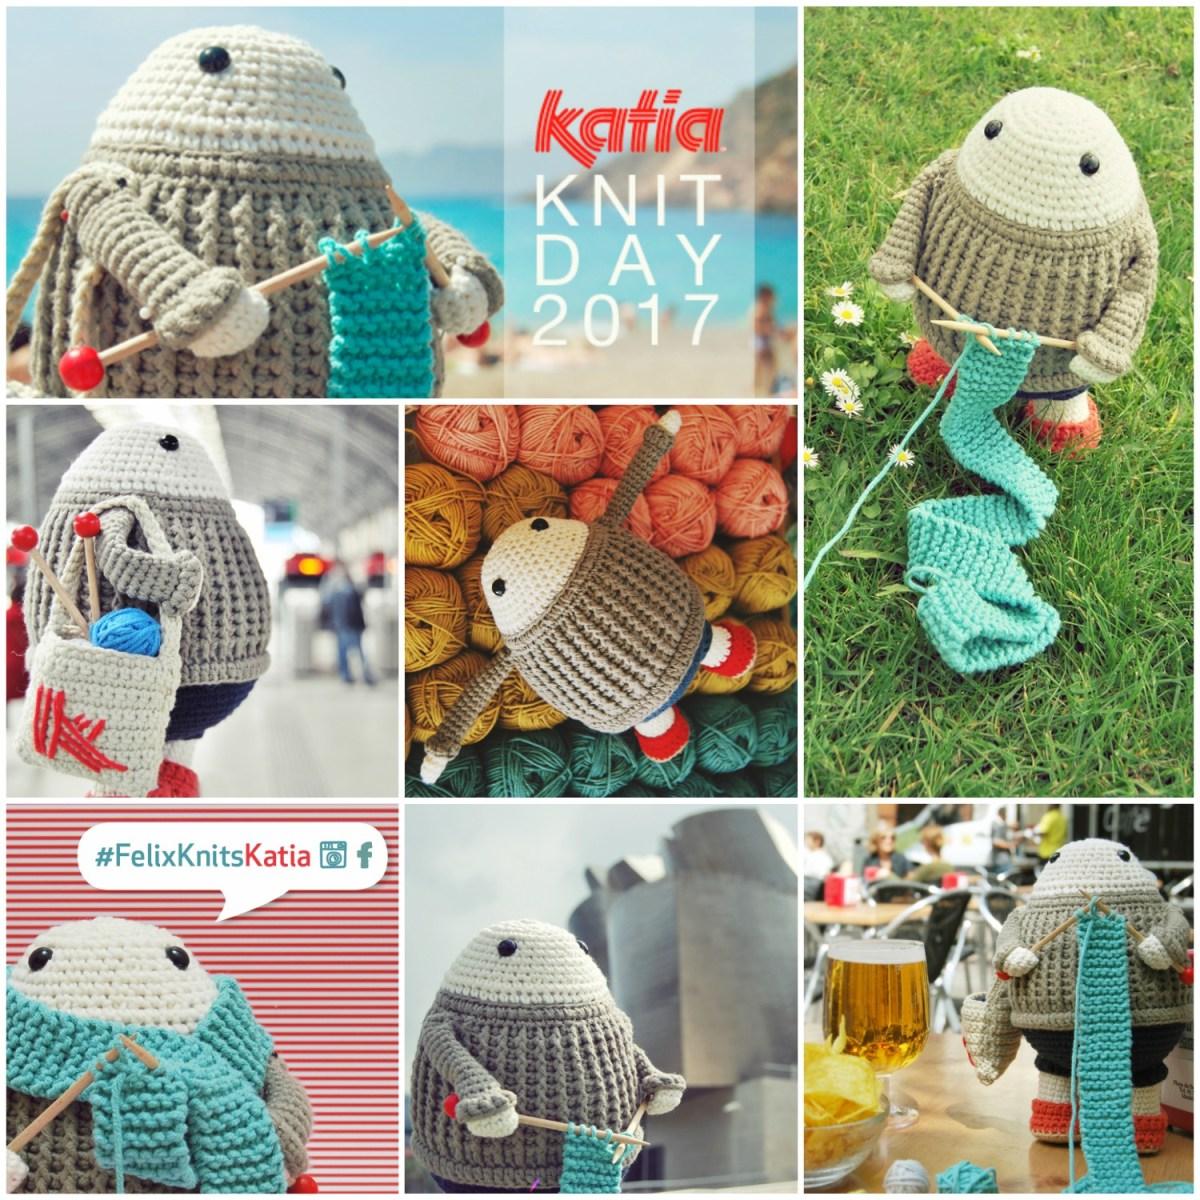 Concours #FelixKnitsKatia: prenez Félix le tricoteur heureux en photo dans votre endroit préféré et gagnez un superlot Katia